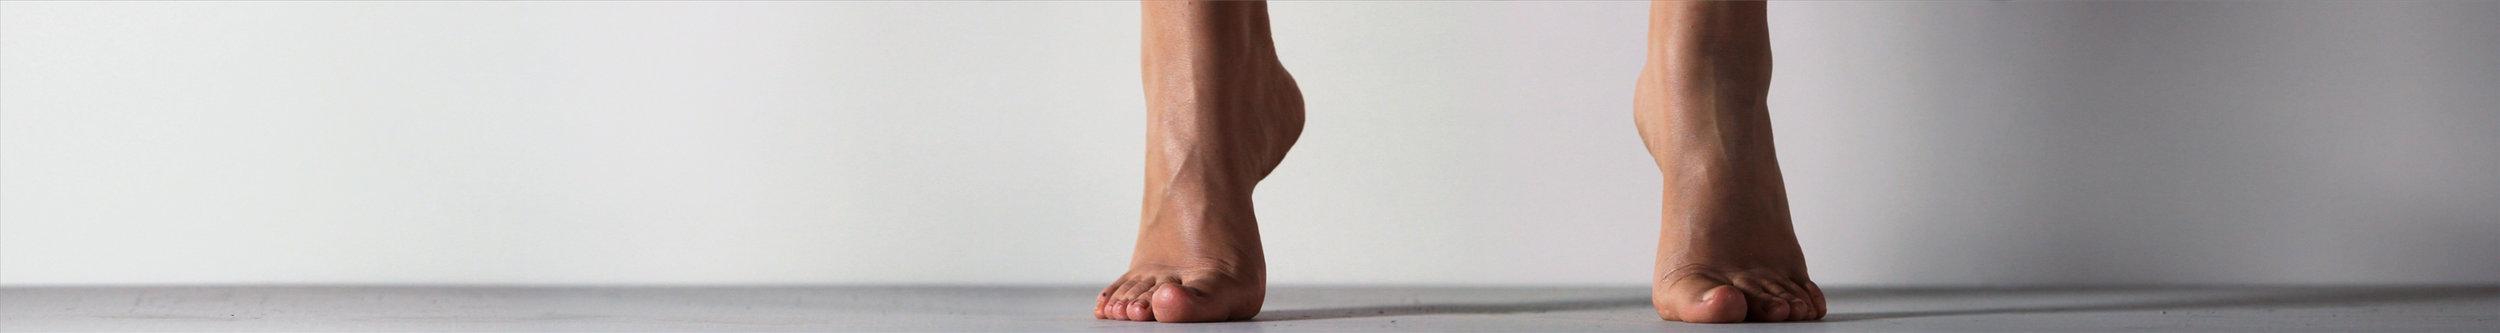 Sanchez, Casilda_Quisiera_feet_09.jpg